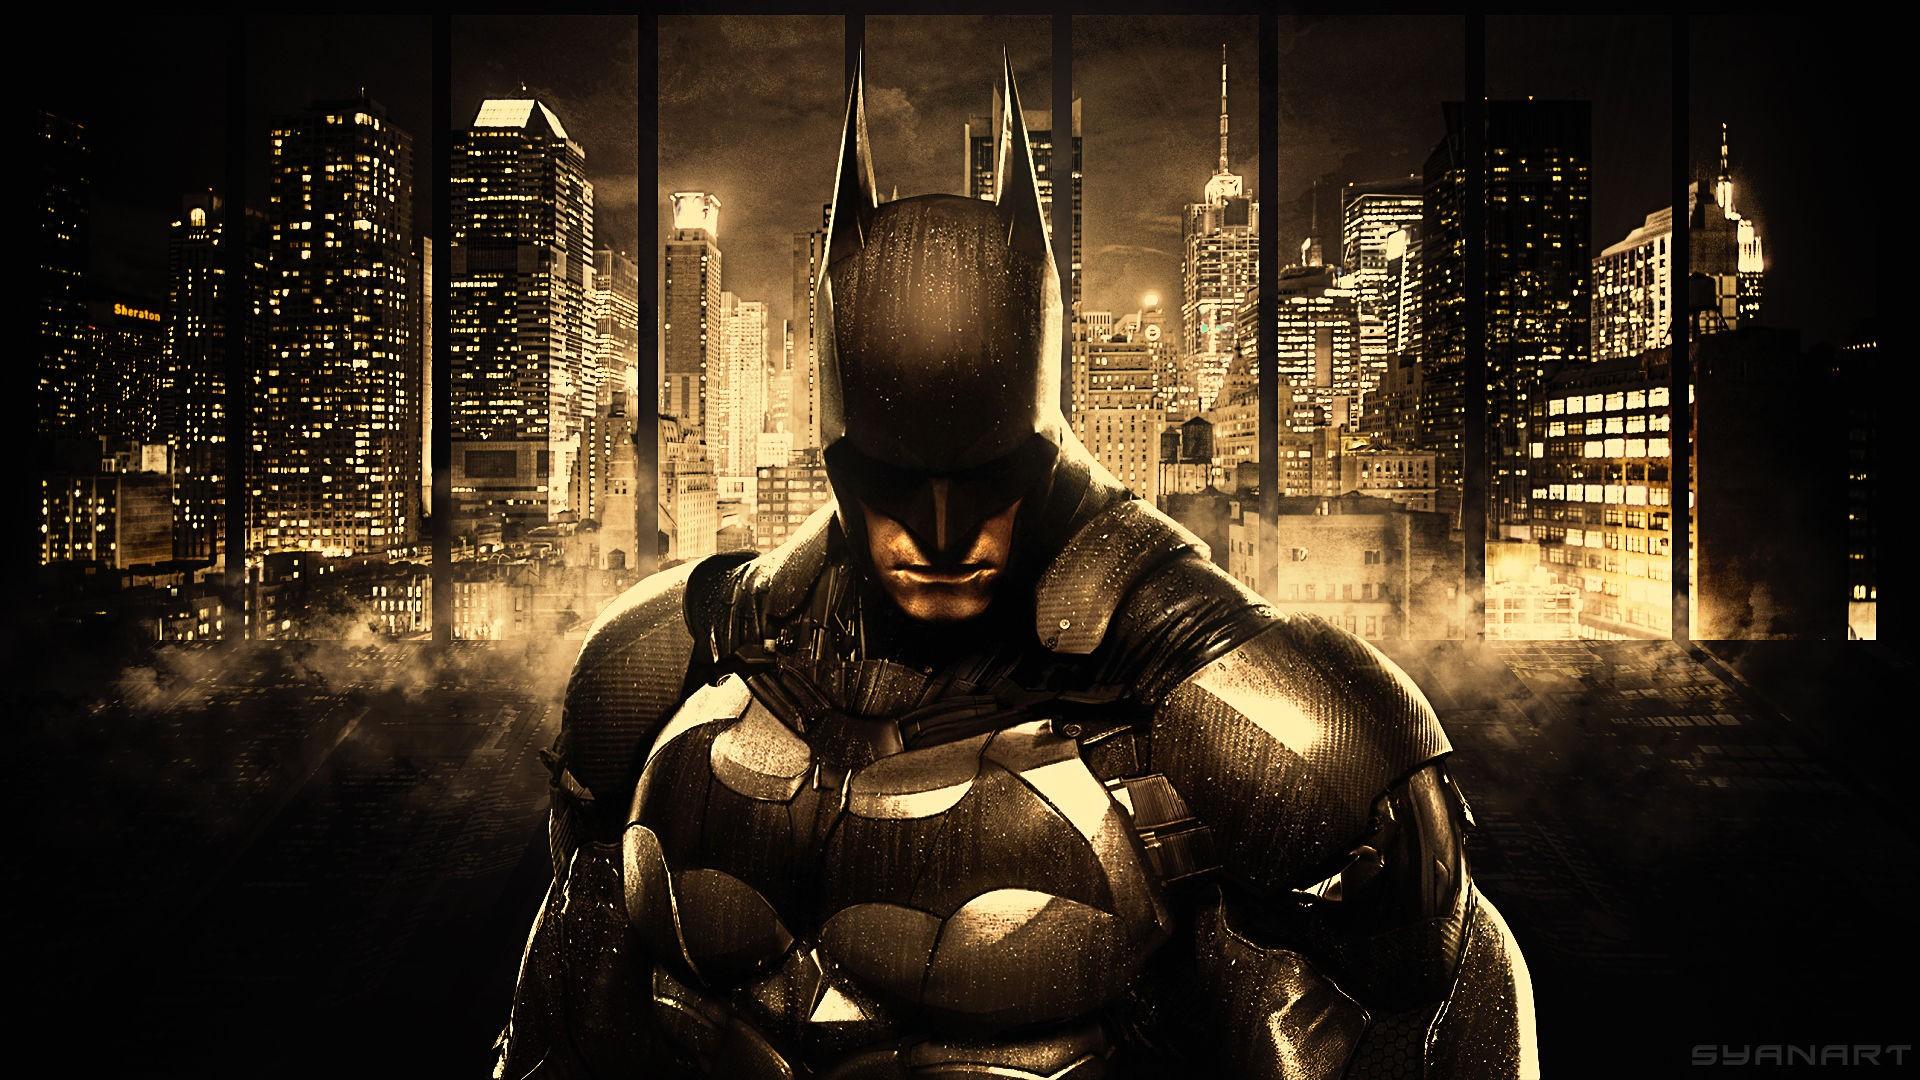 Wallpaper Cityscape Batman Arkham Knight Skyscraper Concept Art